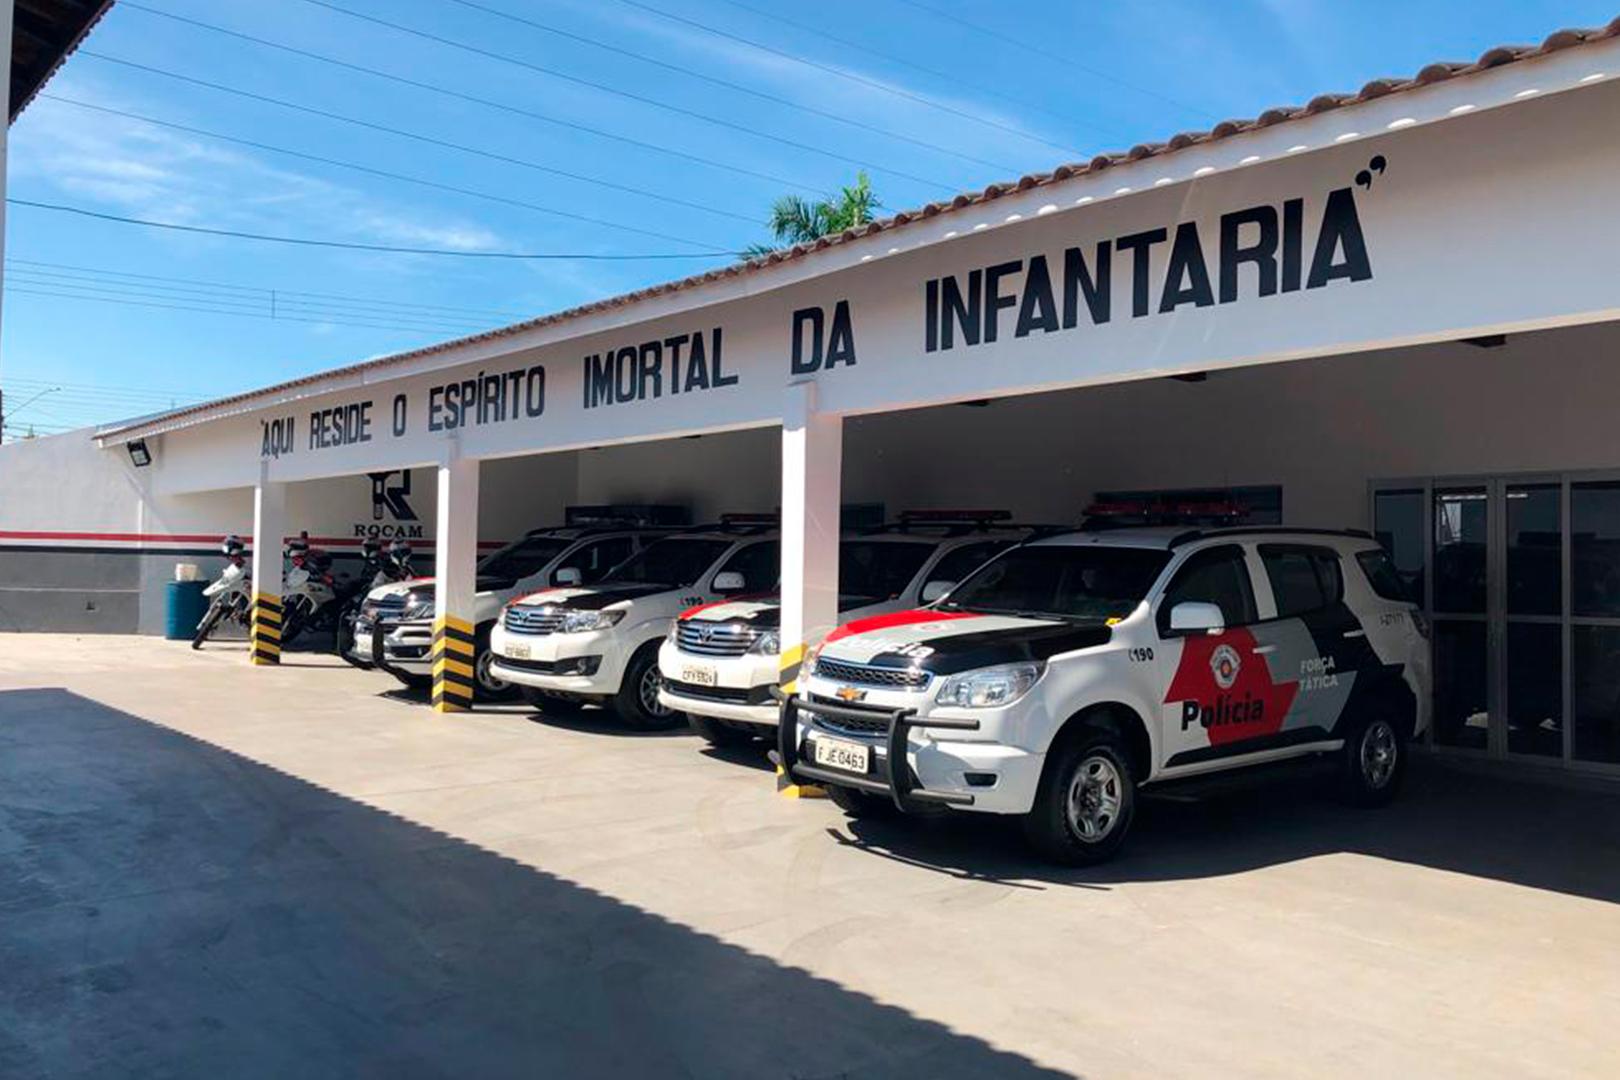 Judiciário de Jaú destina prestações pecuniárias para a sede da Força Tática, Canil e Rocam